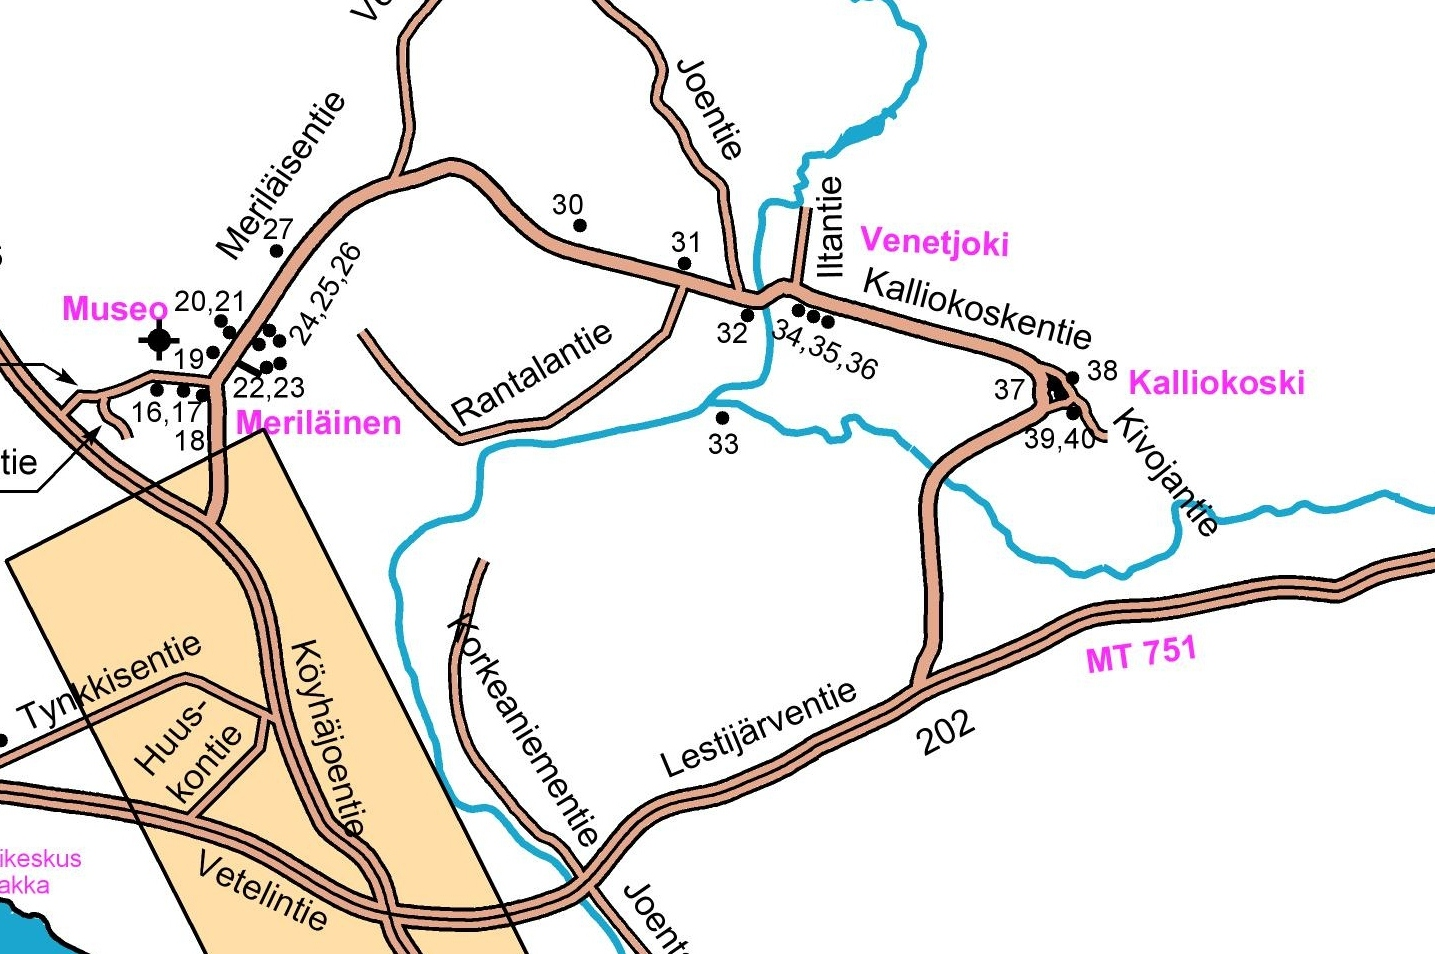 Kalliokosken kartta